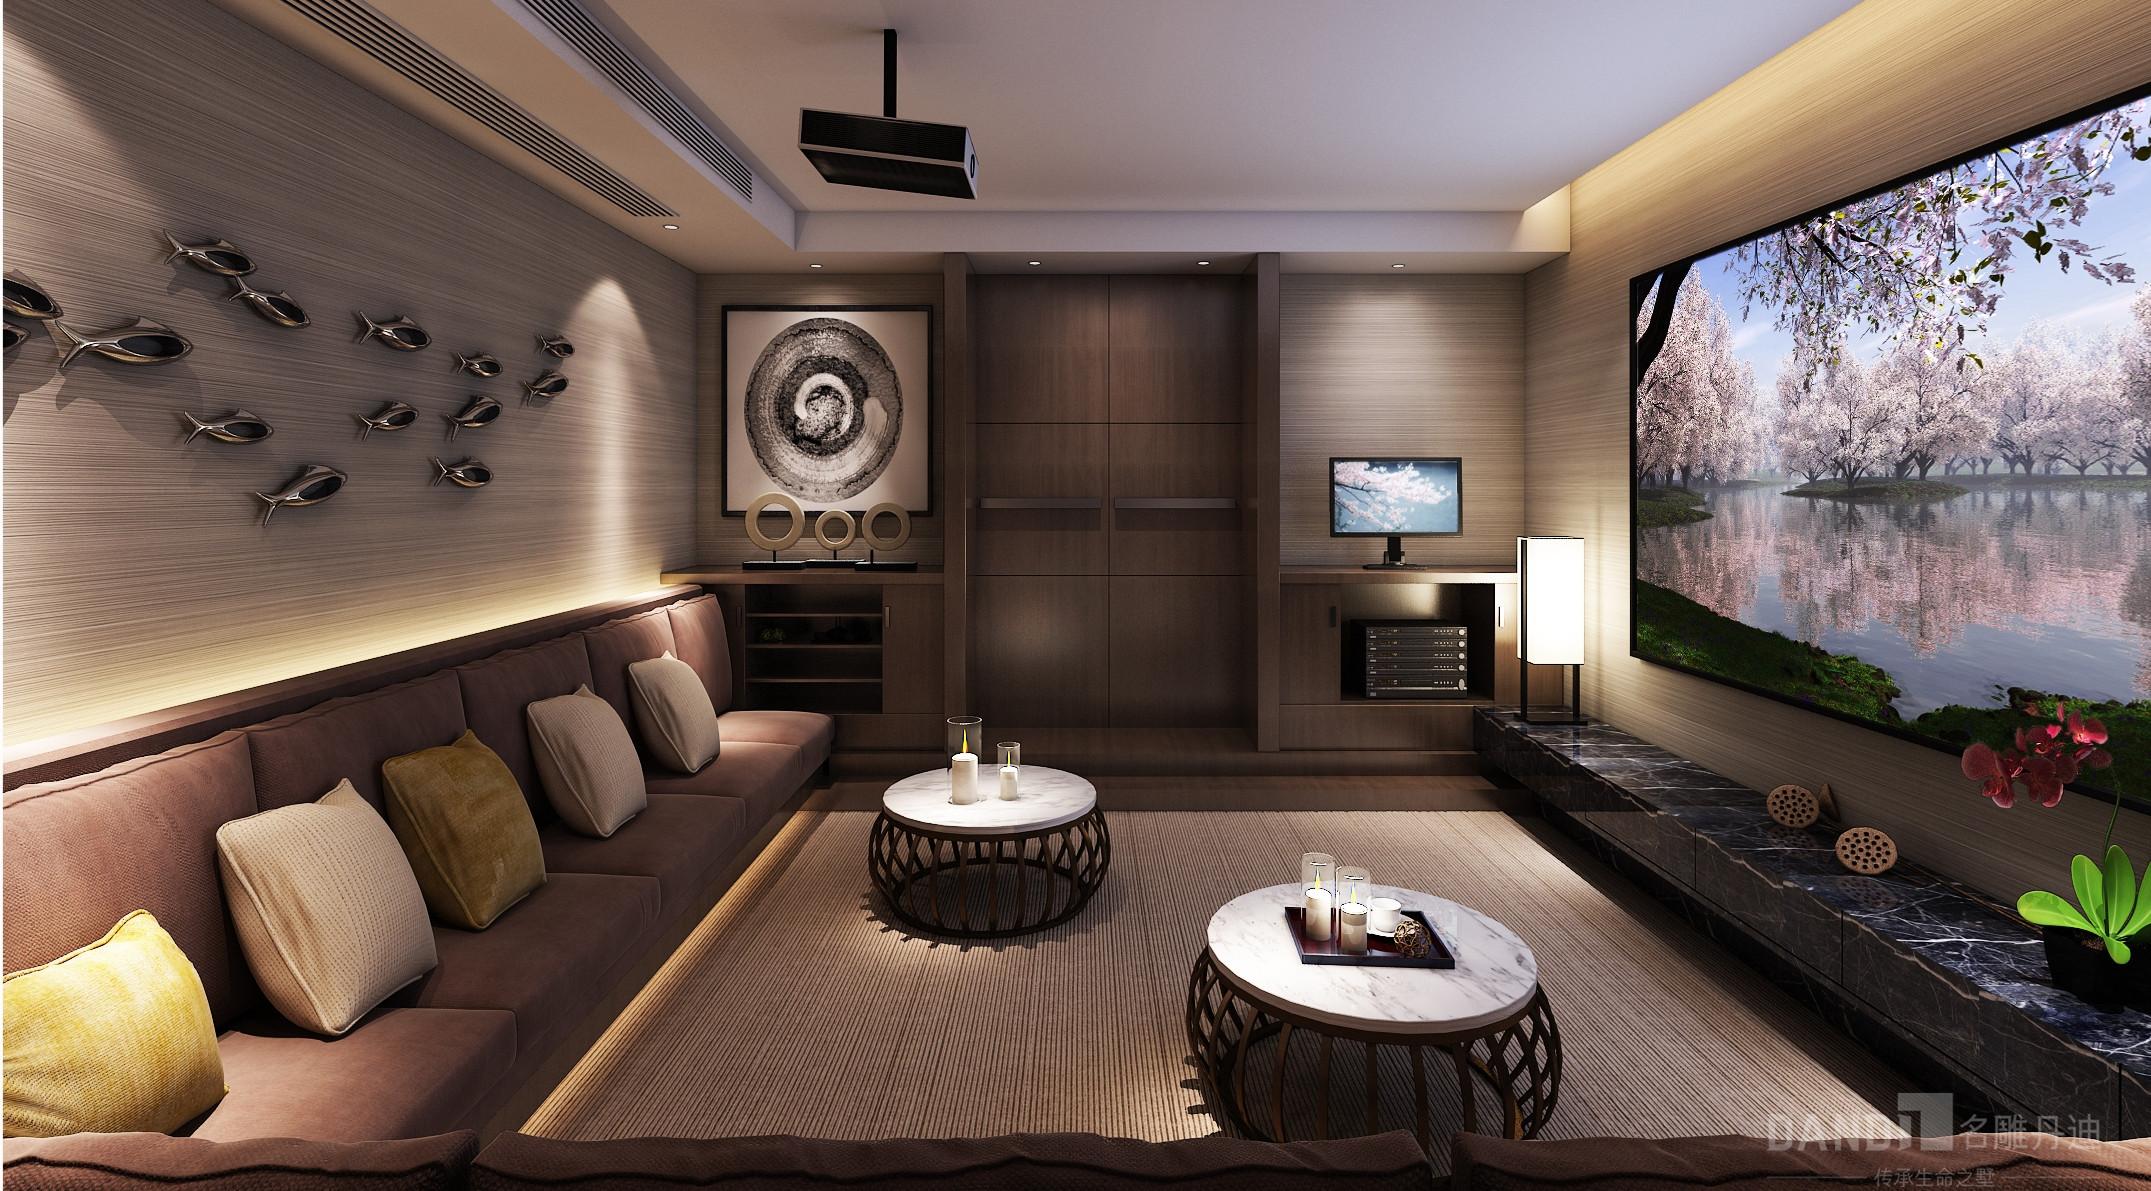 简约 混搭 别墅 新中式 客厅图片来自名雕丹迪在万科璞悦山别墅新中式装修风格的分享